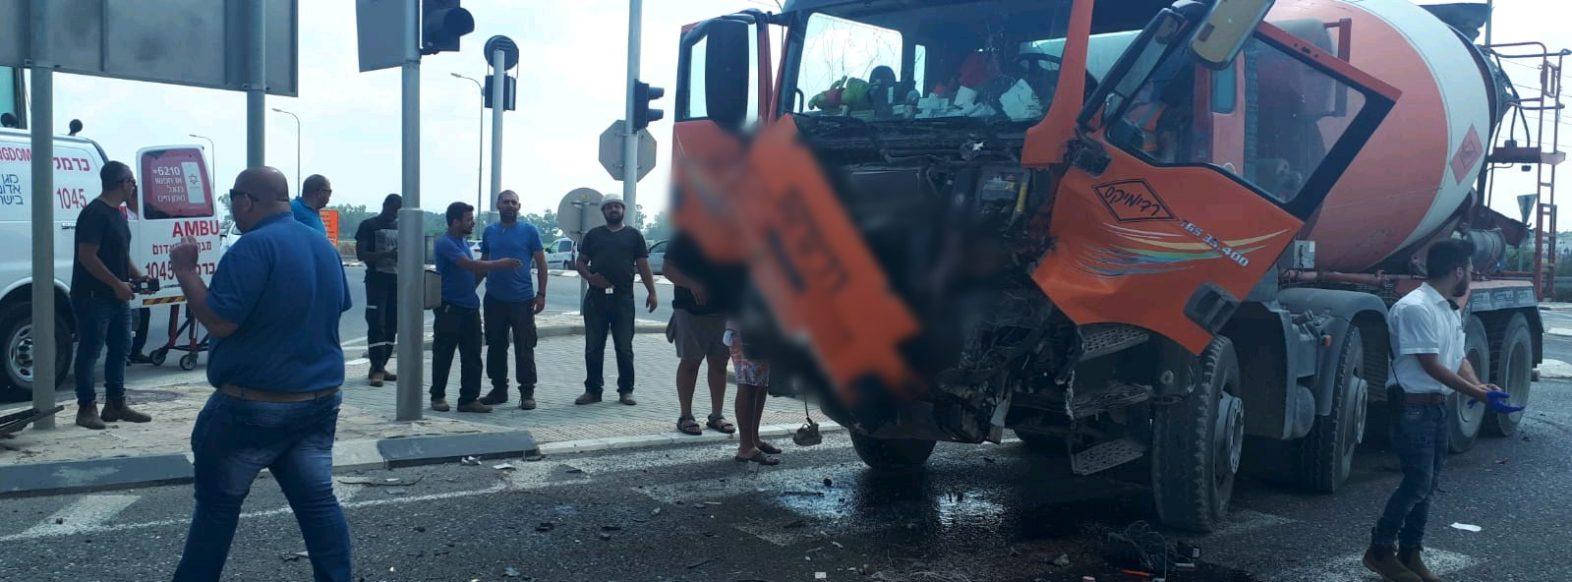 צומת אפק: פצוע בינוני מפגיעת משאית